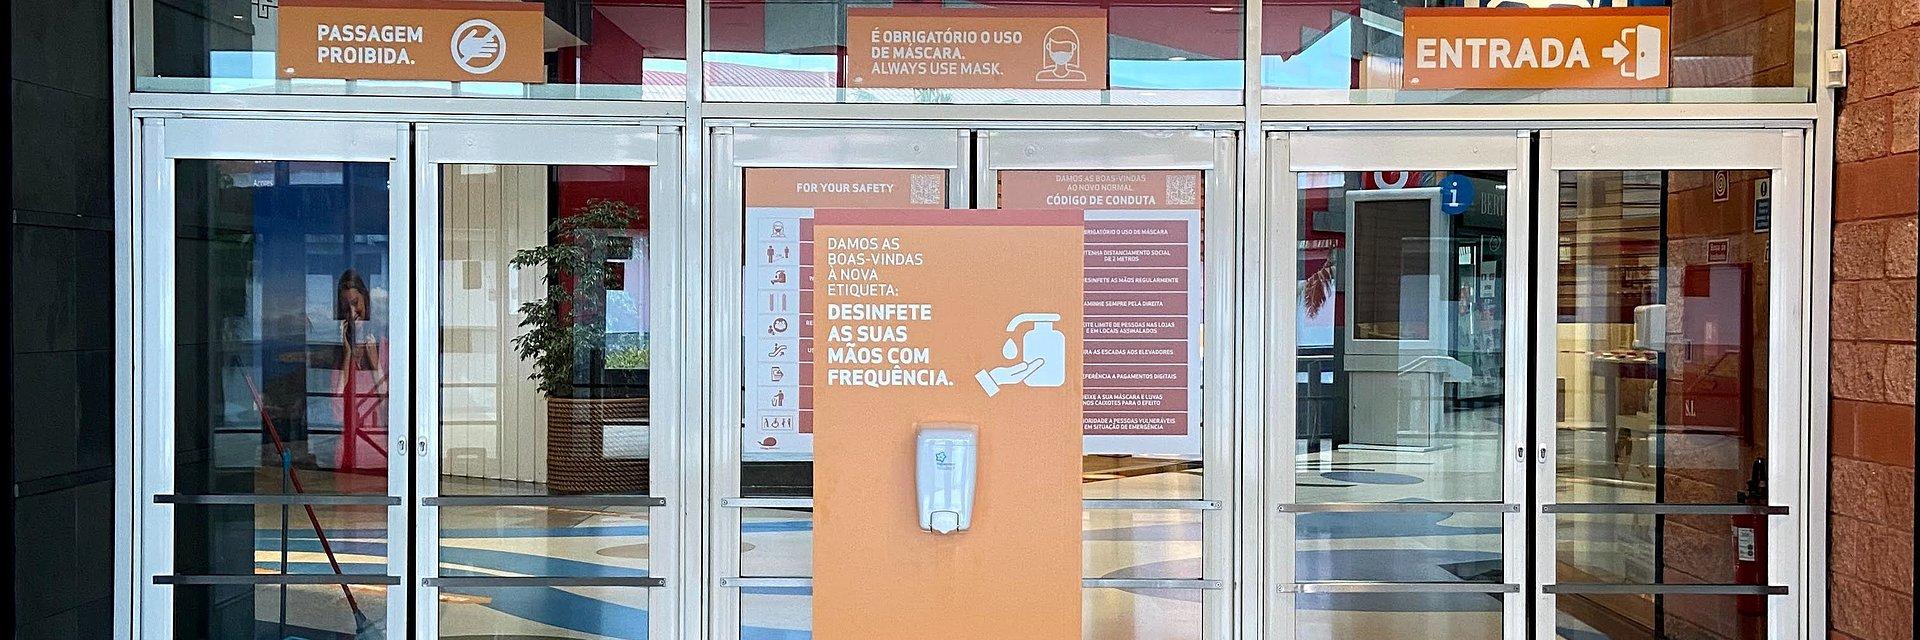 Parque Atlântico renova selo de higiene e segurança com certificação SGS